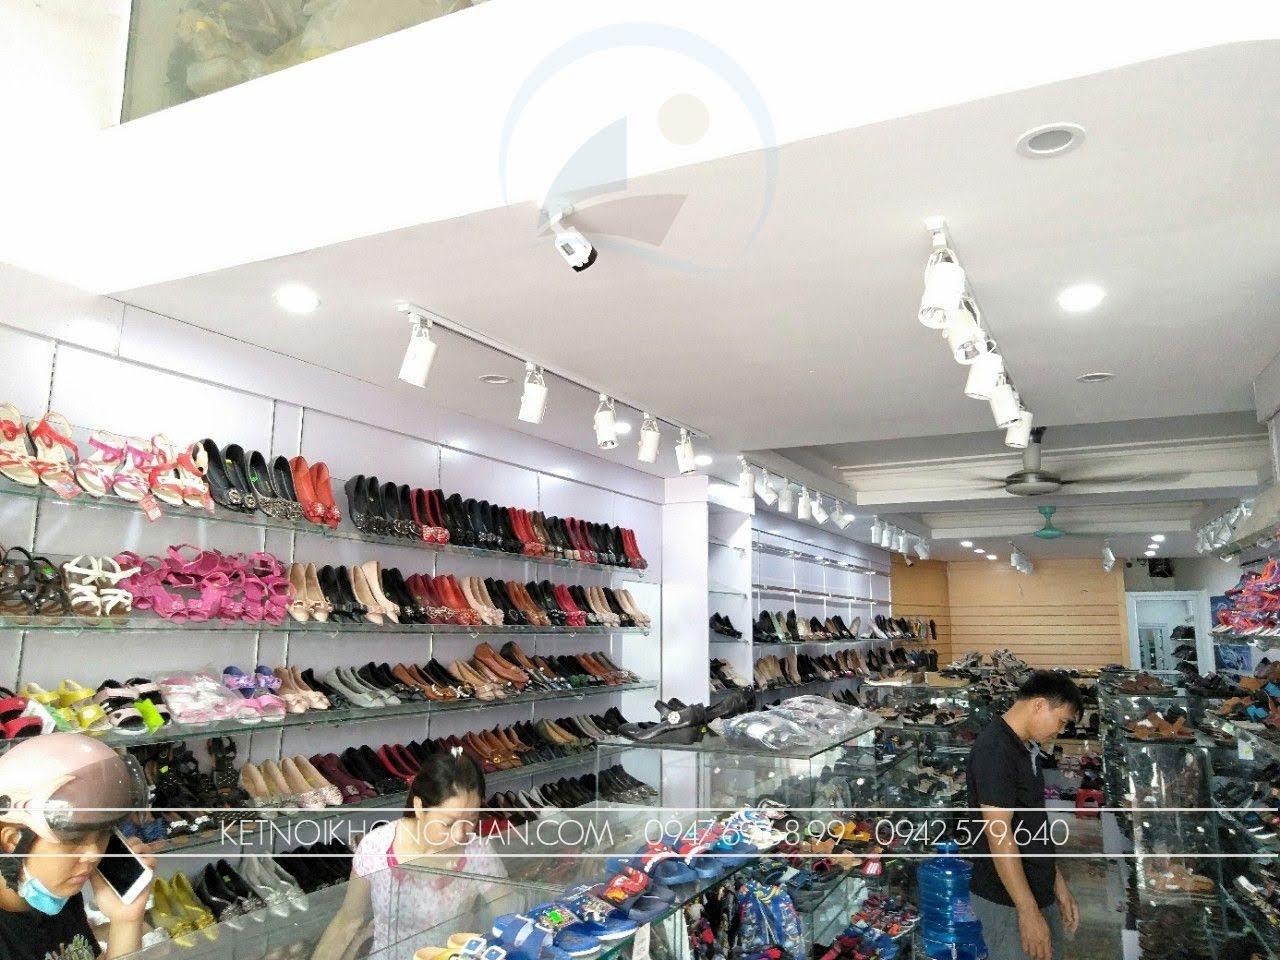 thiết kế thi công nội thất shop giày dép thời trang 3